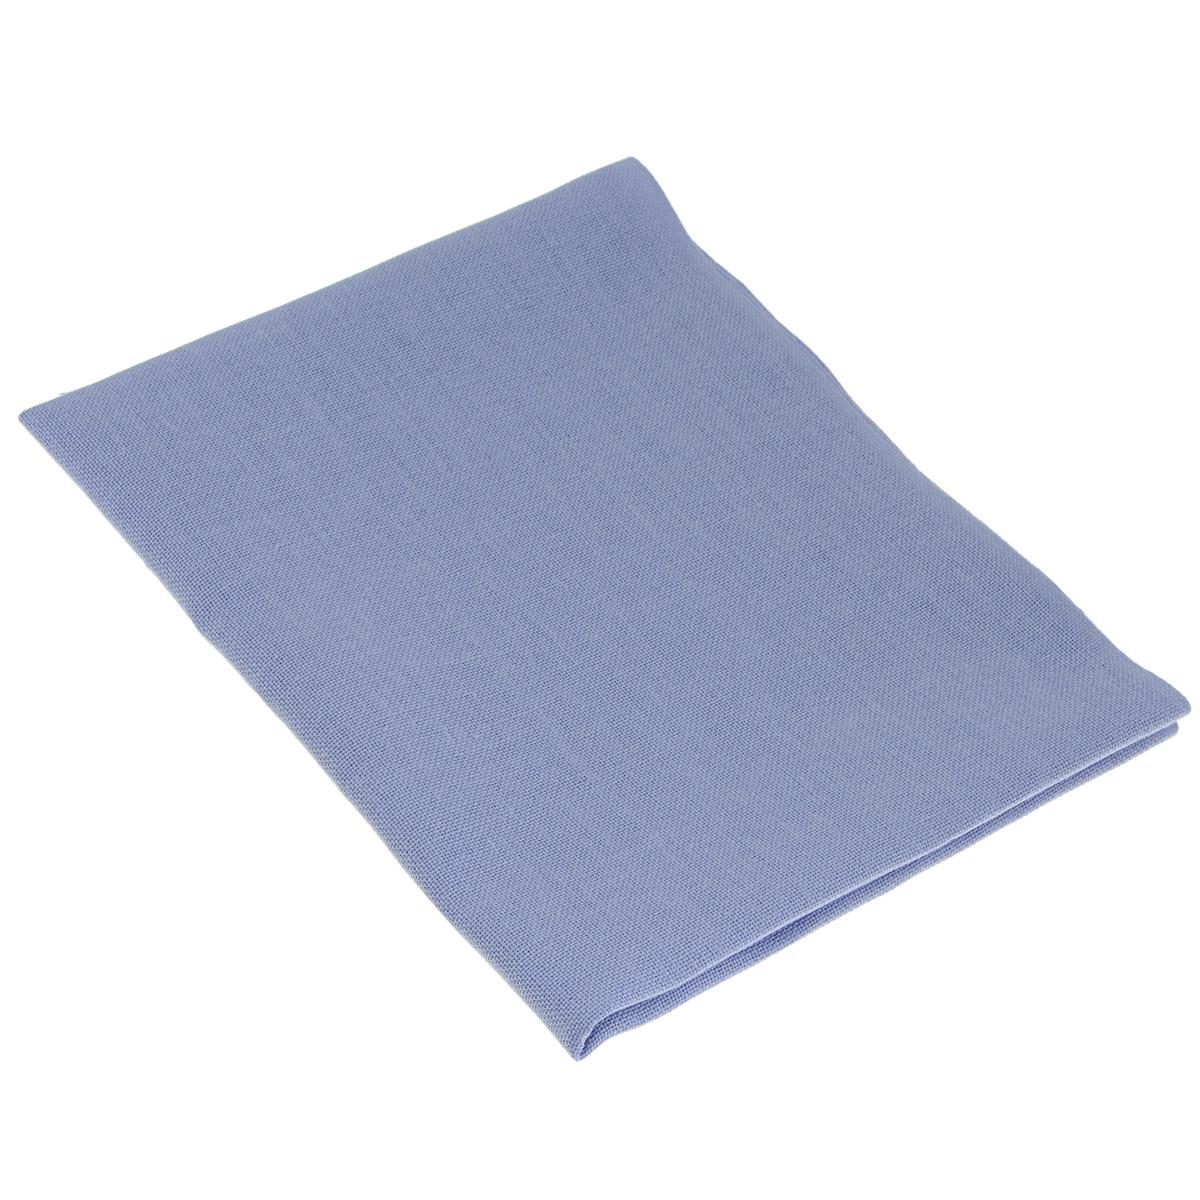 Основа для вышивания крестом или гладью Vaupel & Heilenbeck, цвет: светло-фиолетовый, 40 см х 100 см227-400Основа для вышивания крестом или гладью Vaupel & Heilenbeck представляет собой однотонную 11-ти ниточную дорожку, выполненную из 100% льна. Воплотите свои идеи на этой дорожке! Дорожка, украшенная своими руками, дополнит интерьер любого помещения, а также сможет стать изысканным подарком для ваших друзей и близких.